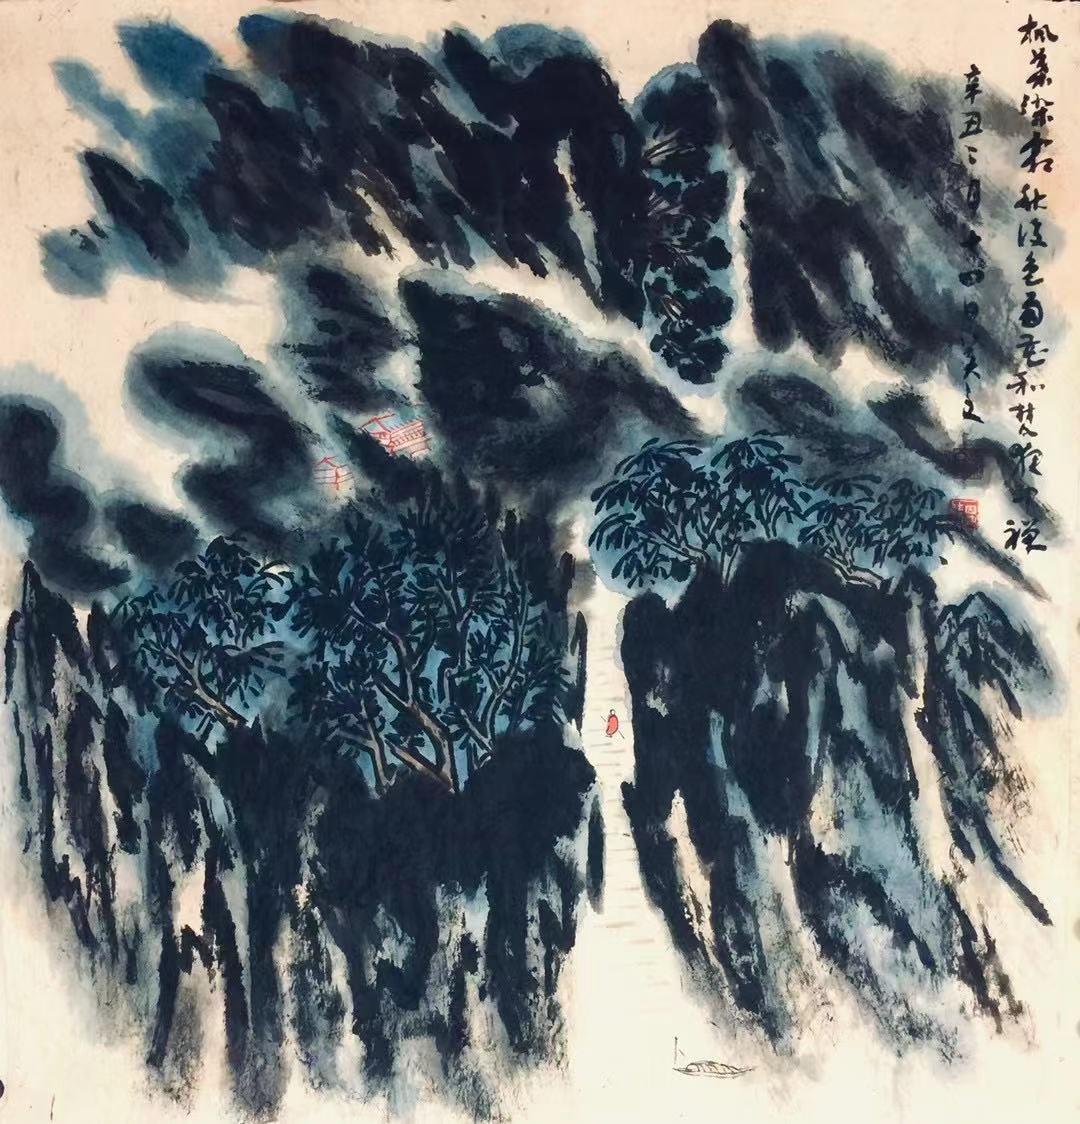 赴丹陽廣福寺與弟言別-明・皇甫汸-書画:王英文-南山老人